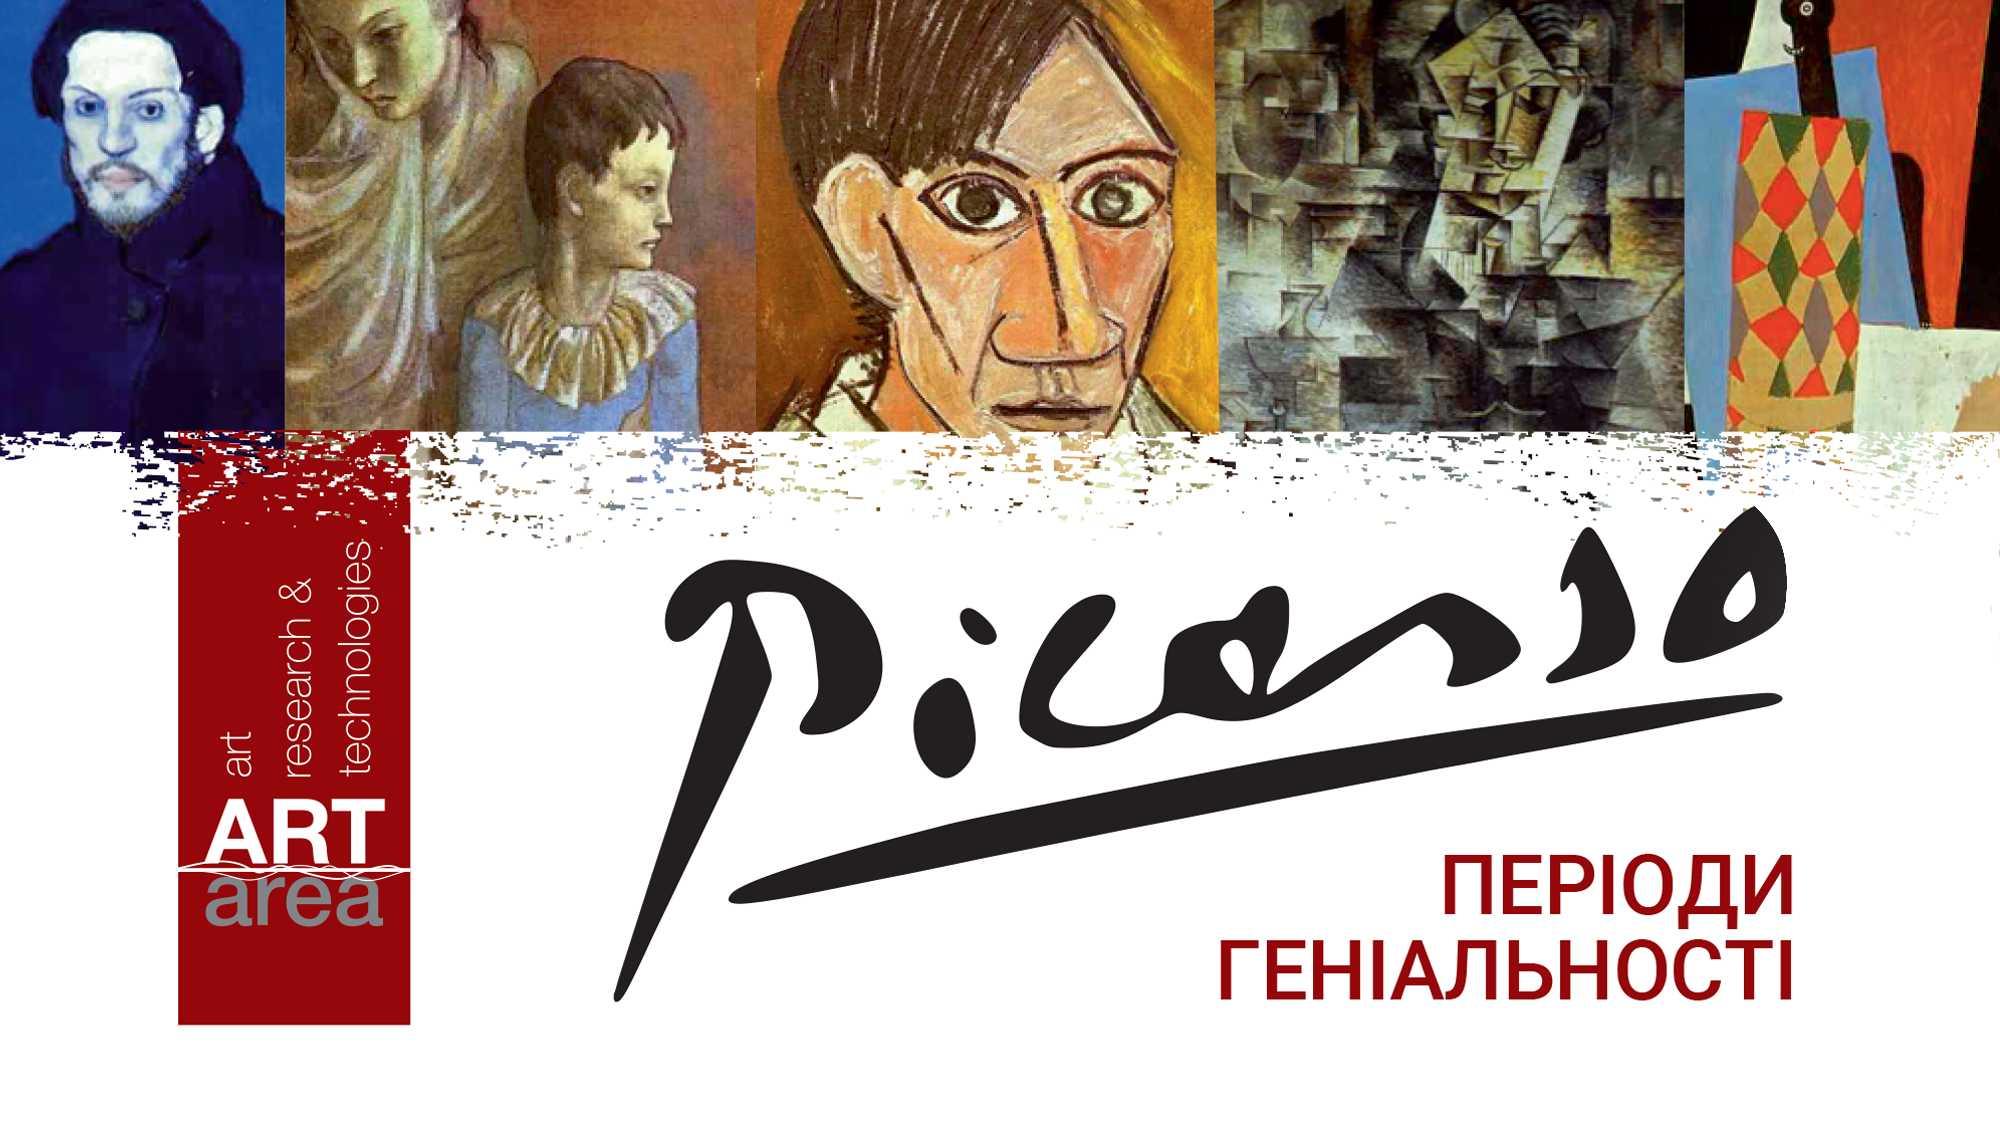 Пікассо: періоди геніальності